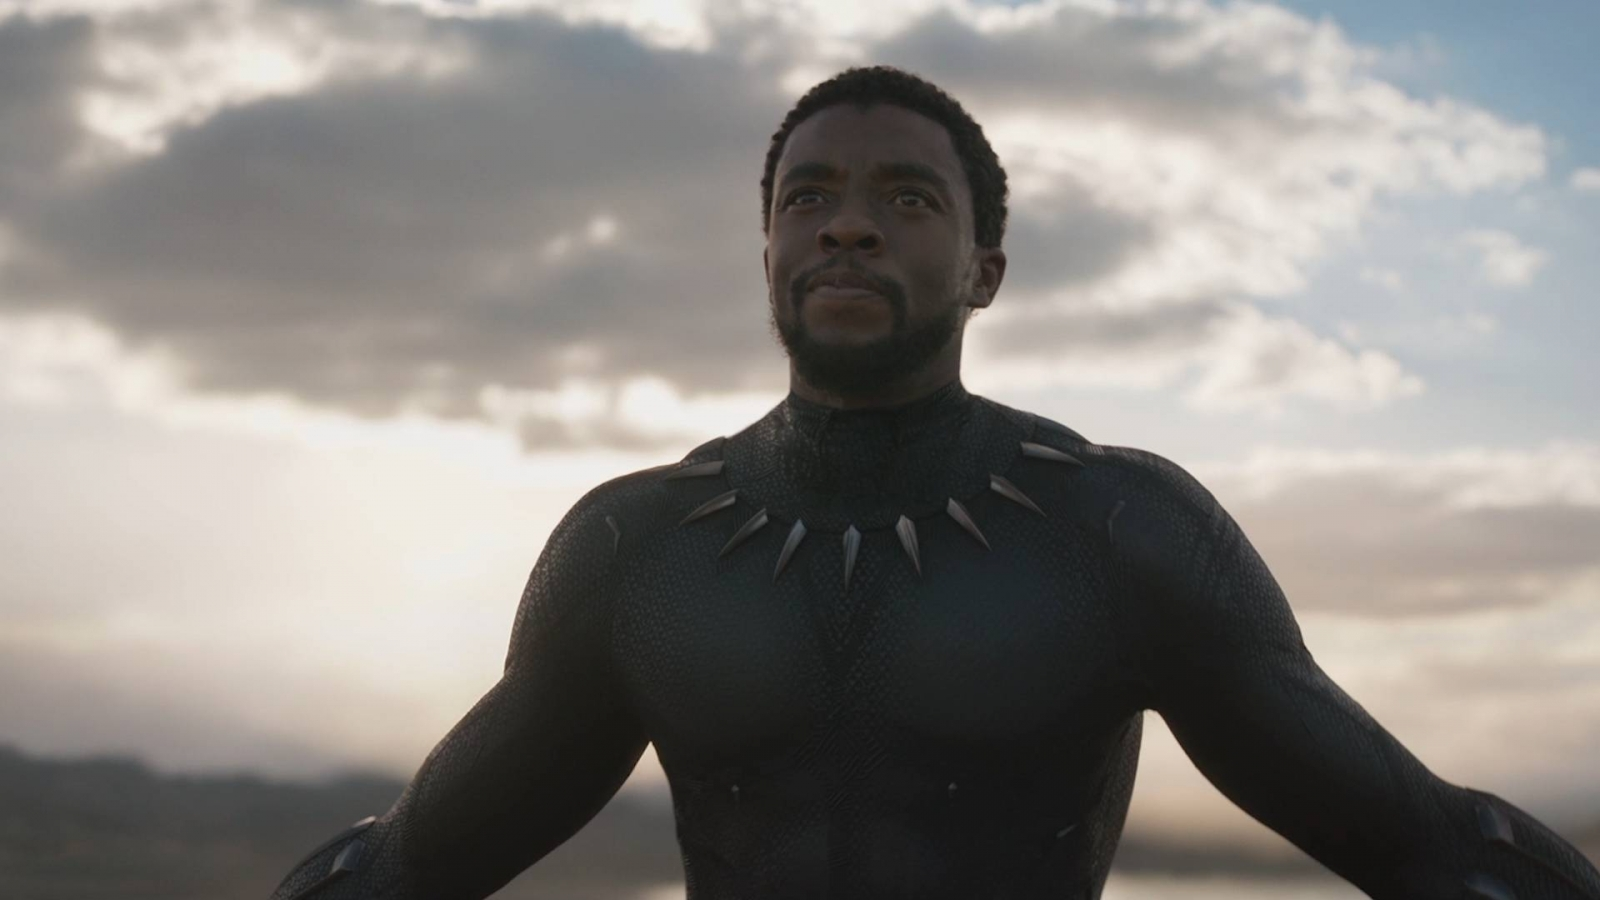 'Black Panther' Trailer